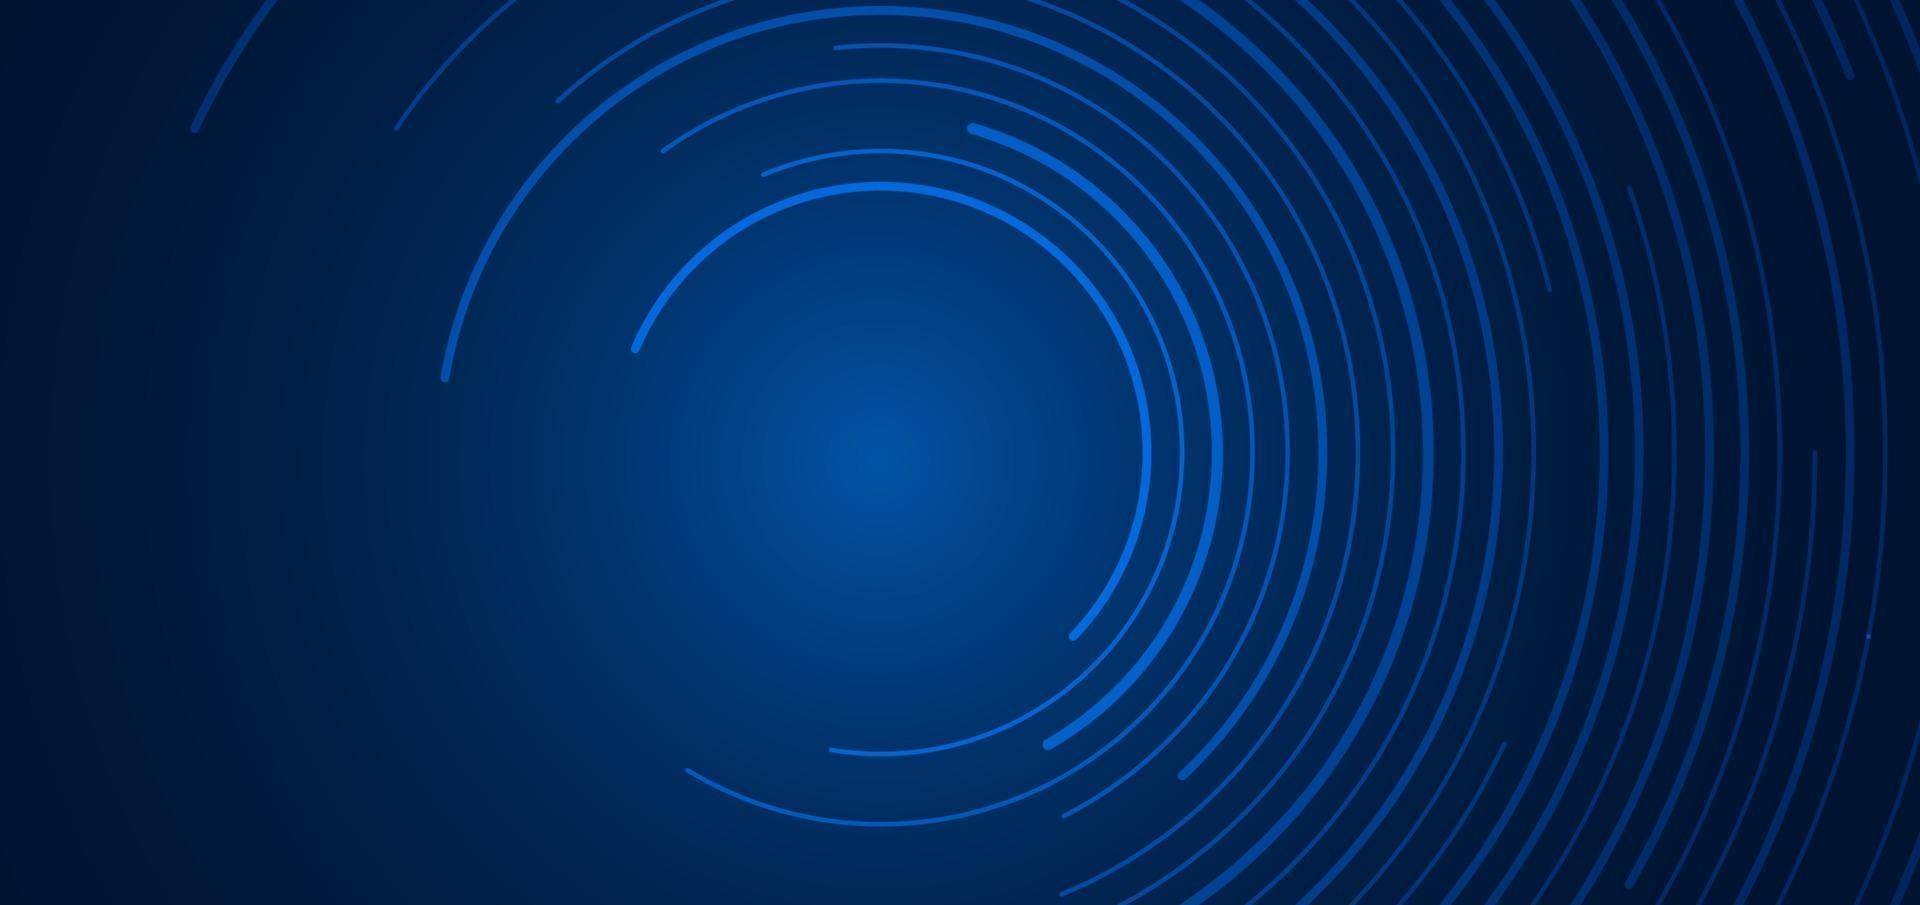 abstrakt teknik futuristiskt koncept blå cirkulära linjer banner design anslutning vektor